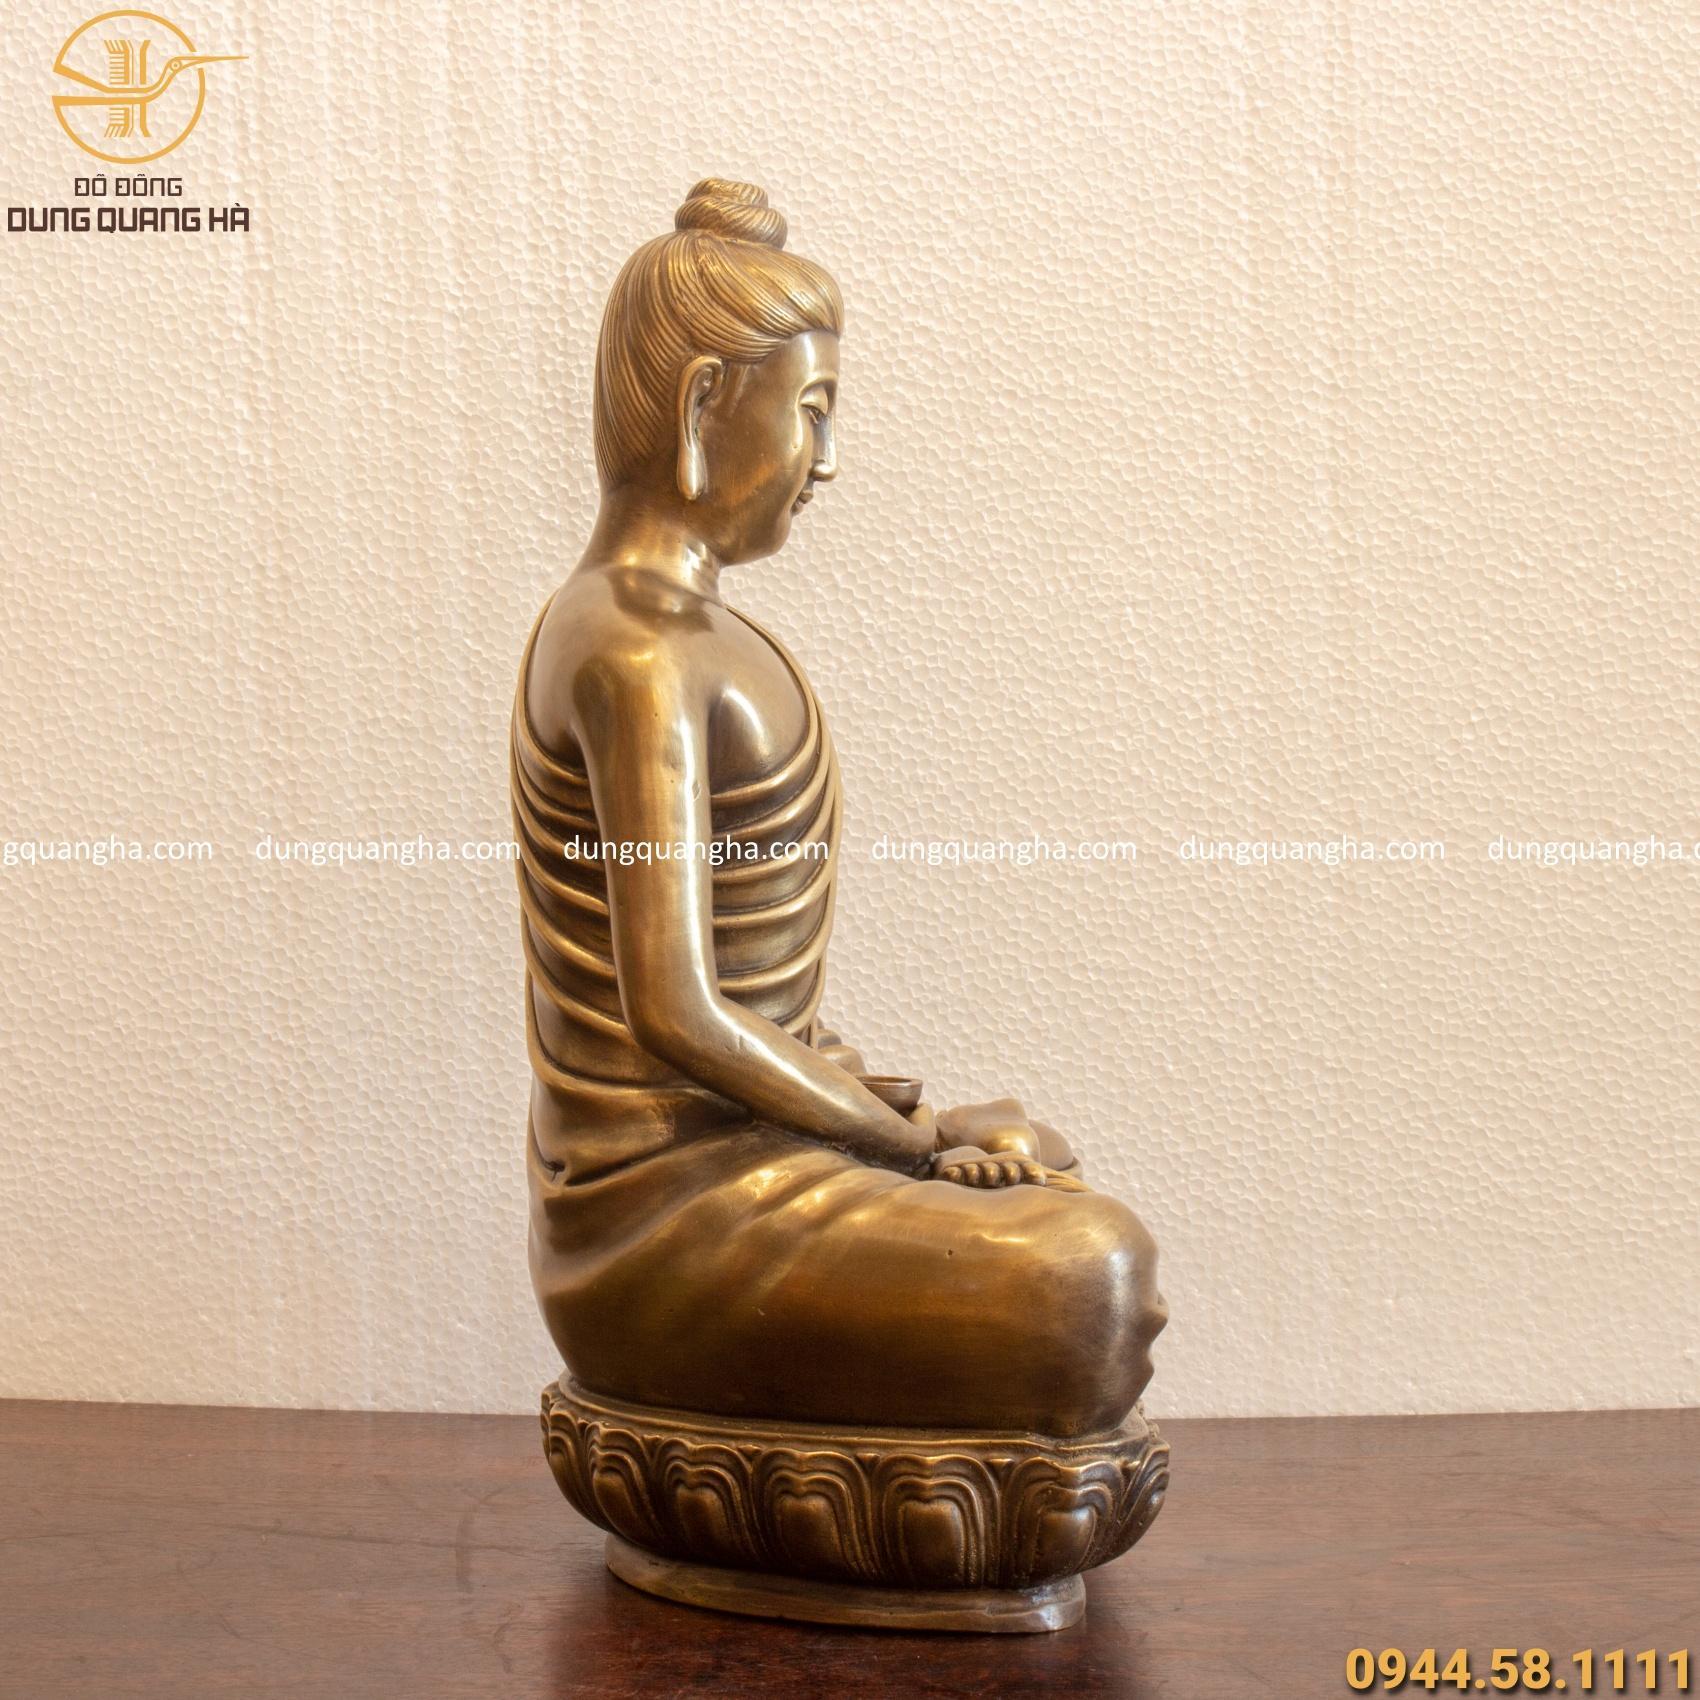 Tượng Phật Thích Ca bằng đồng vàng hun cổ kính tinh xảo